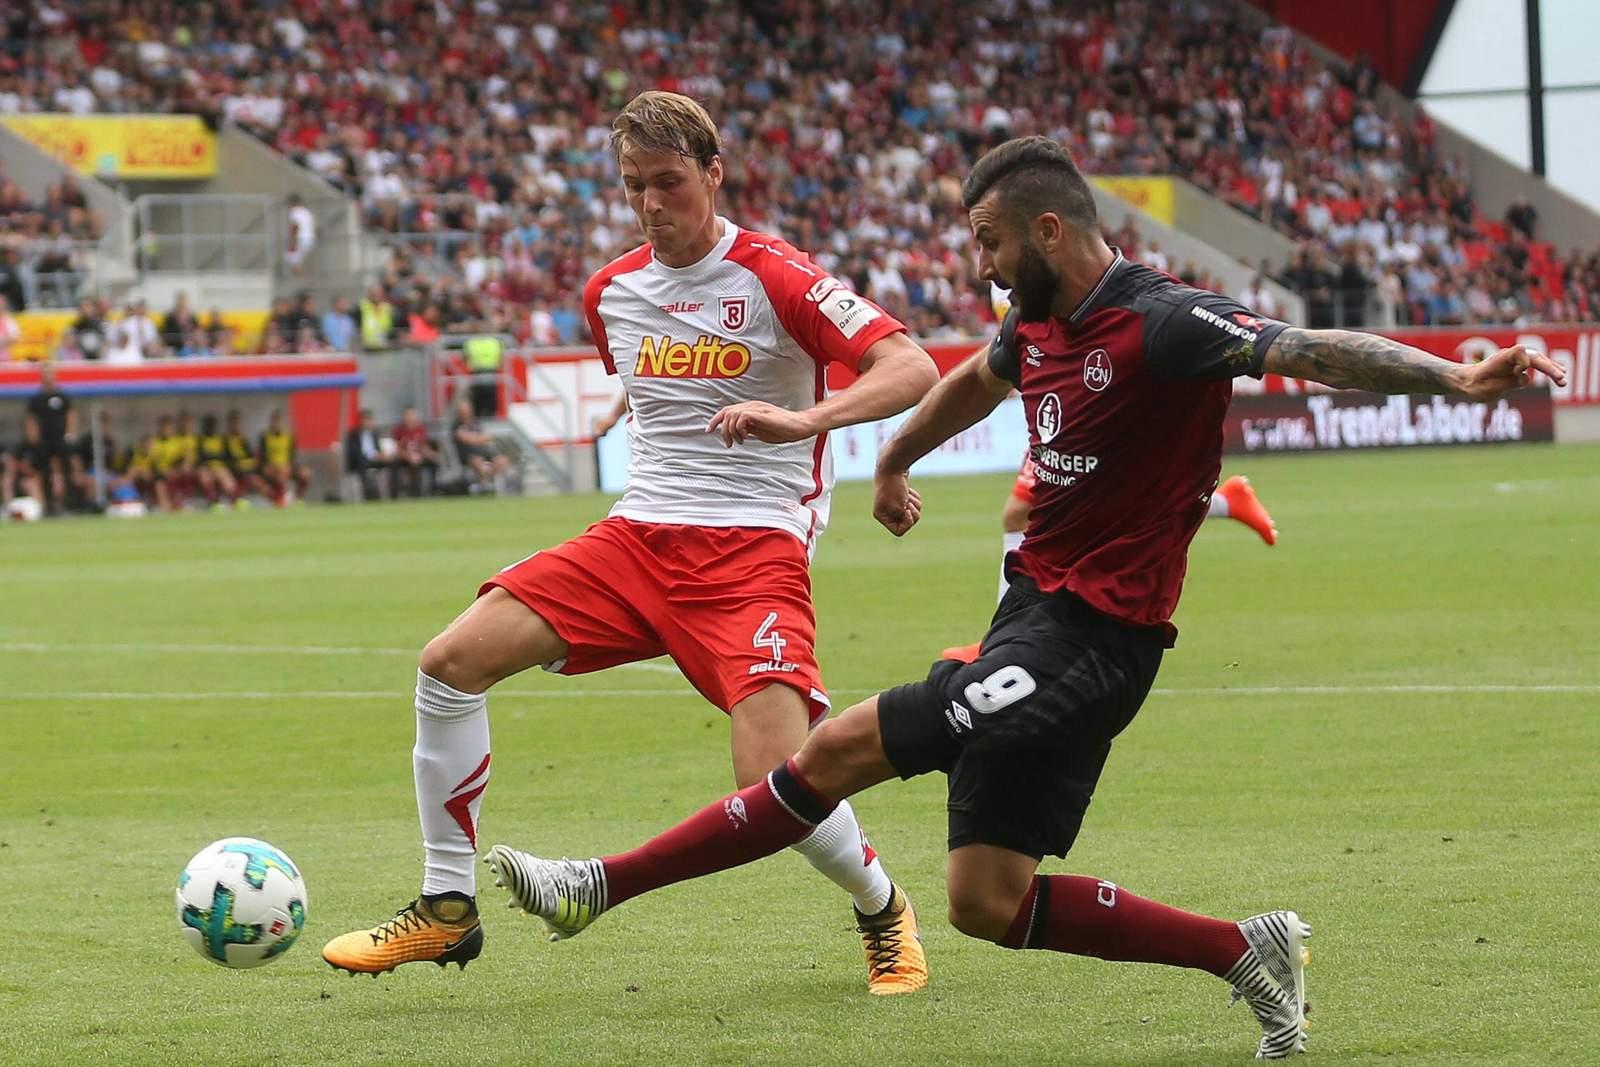 Setzt sich Ishak gegen Sörensen durch? Jetzt auf Nürnberg gegen Jahn Regensburg wetten.